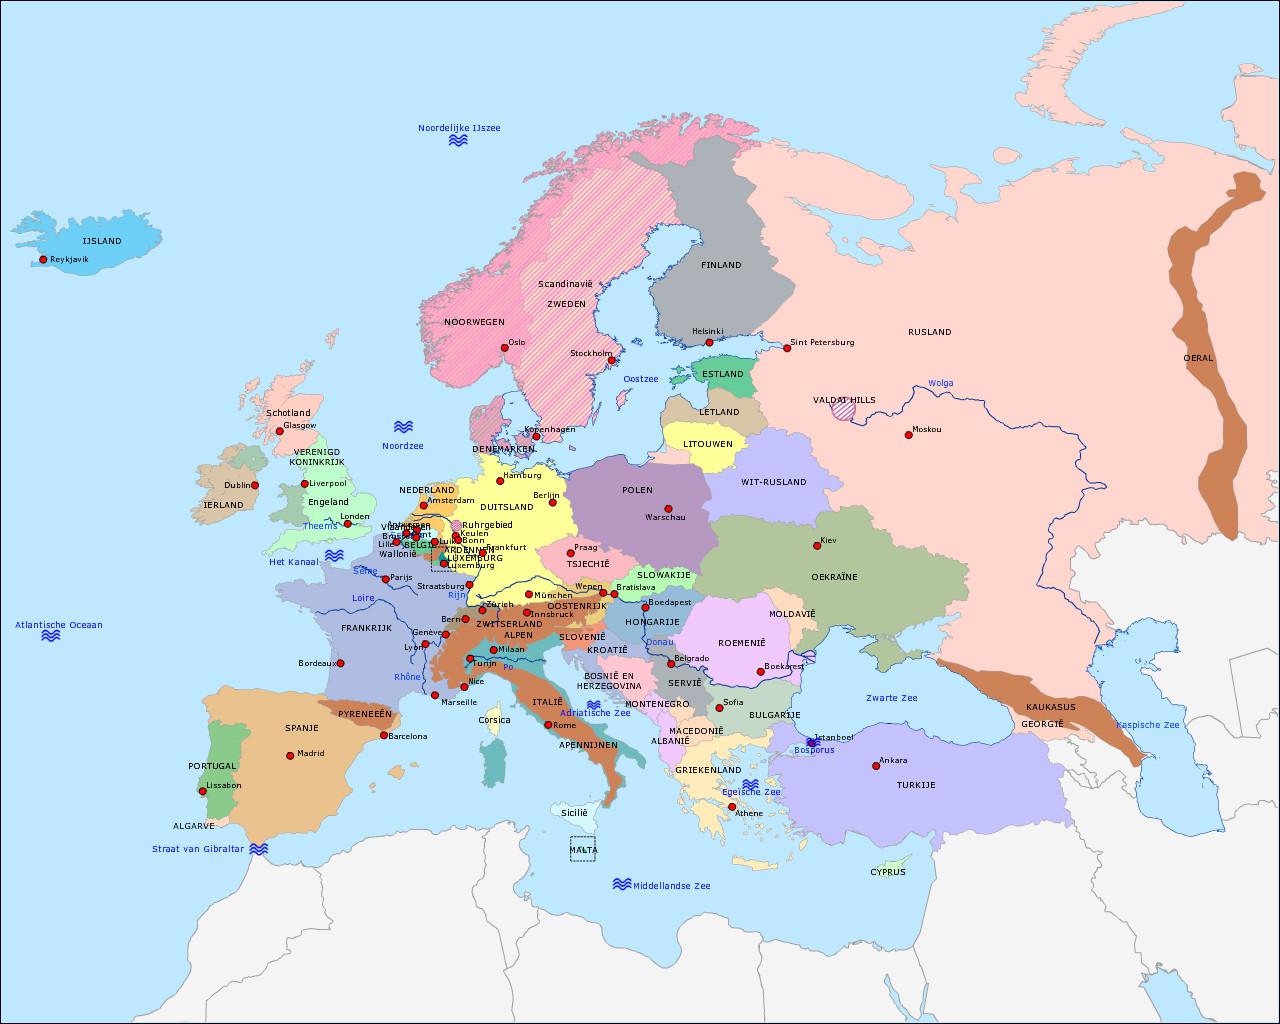 Ik ben 99,9% Europees